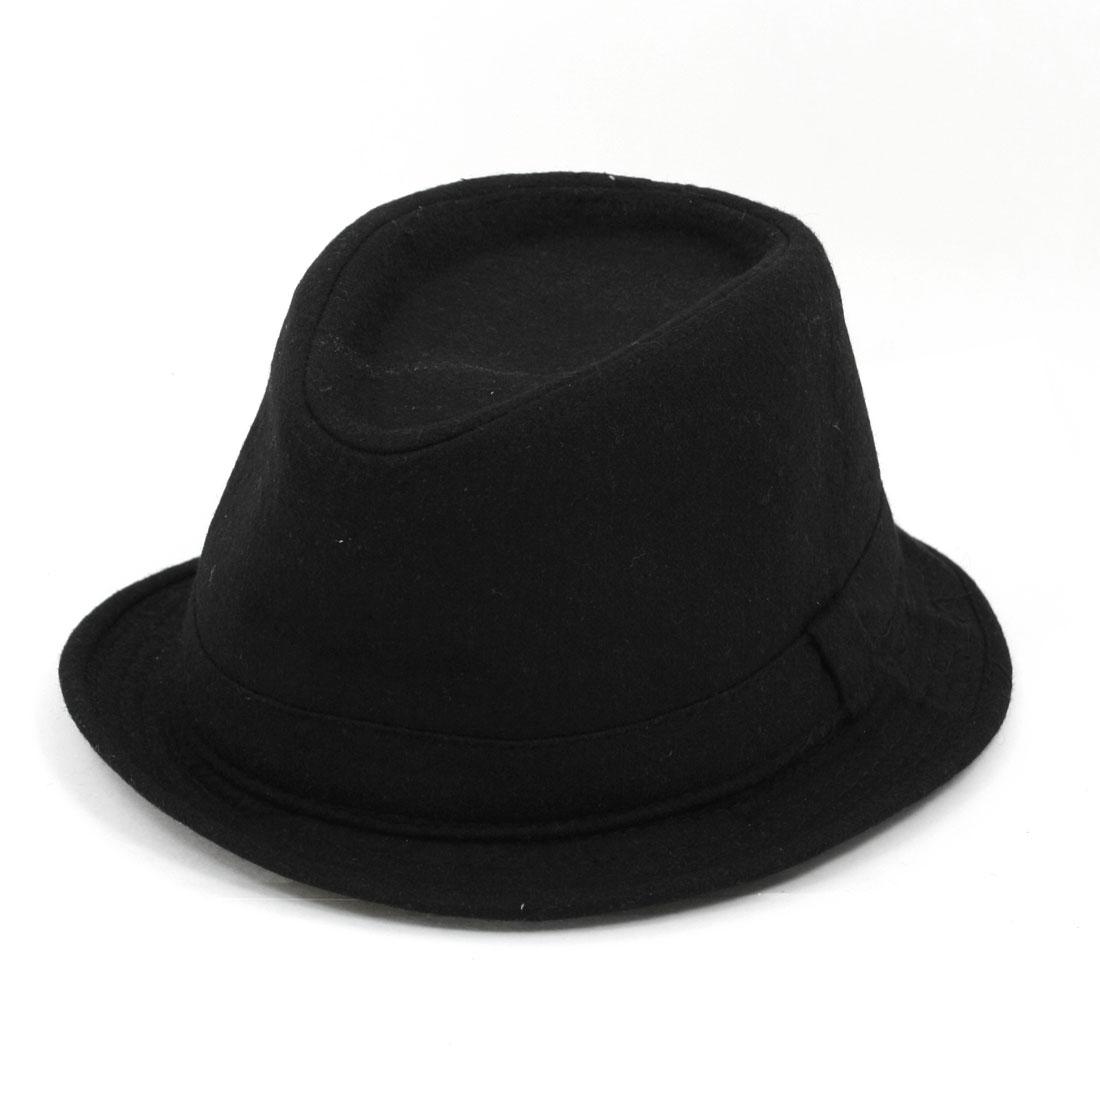 11cm Depth Brim Stitching Cloche Bucket Hat Black for Man Men